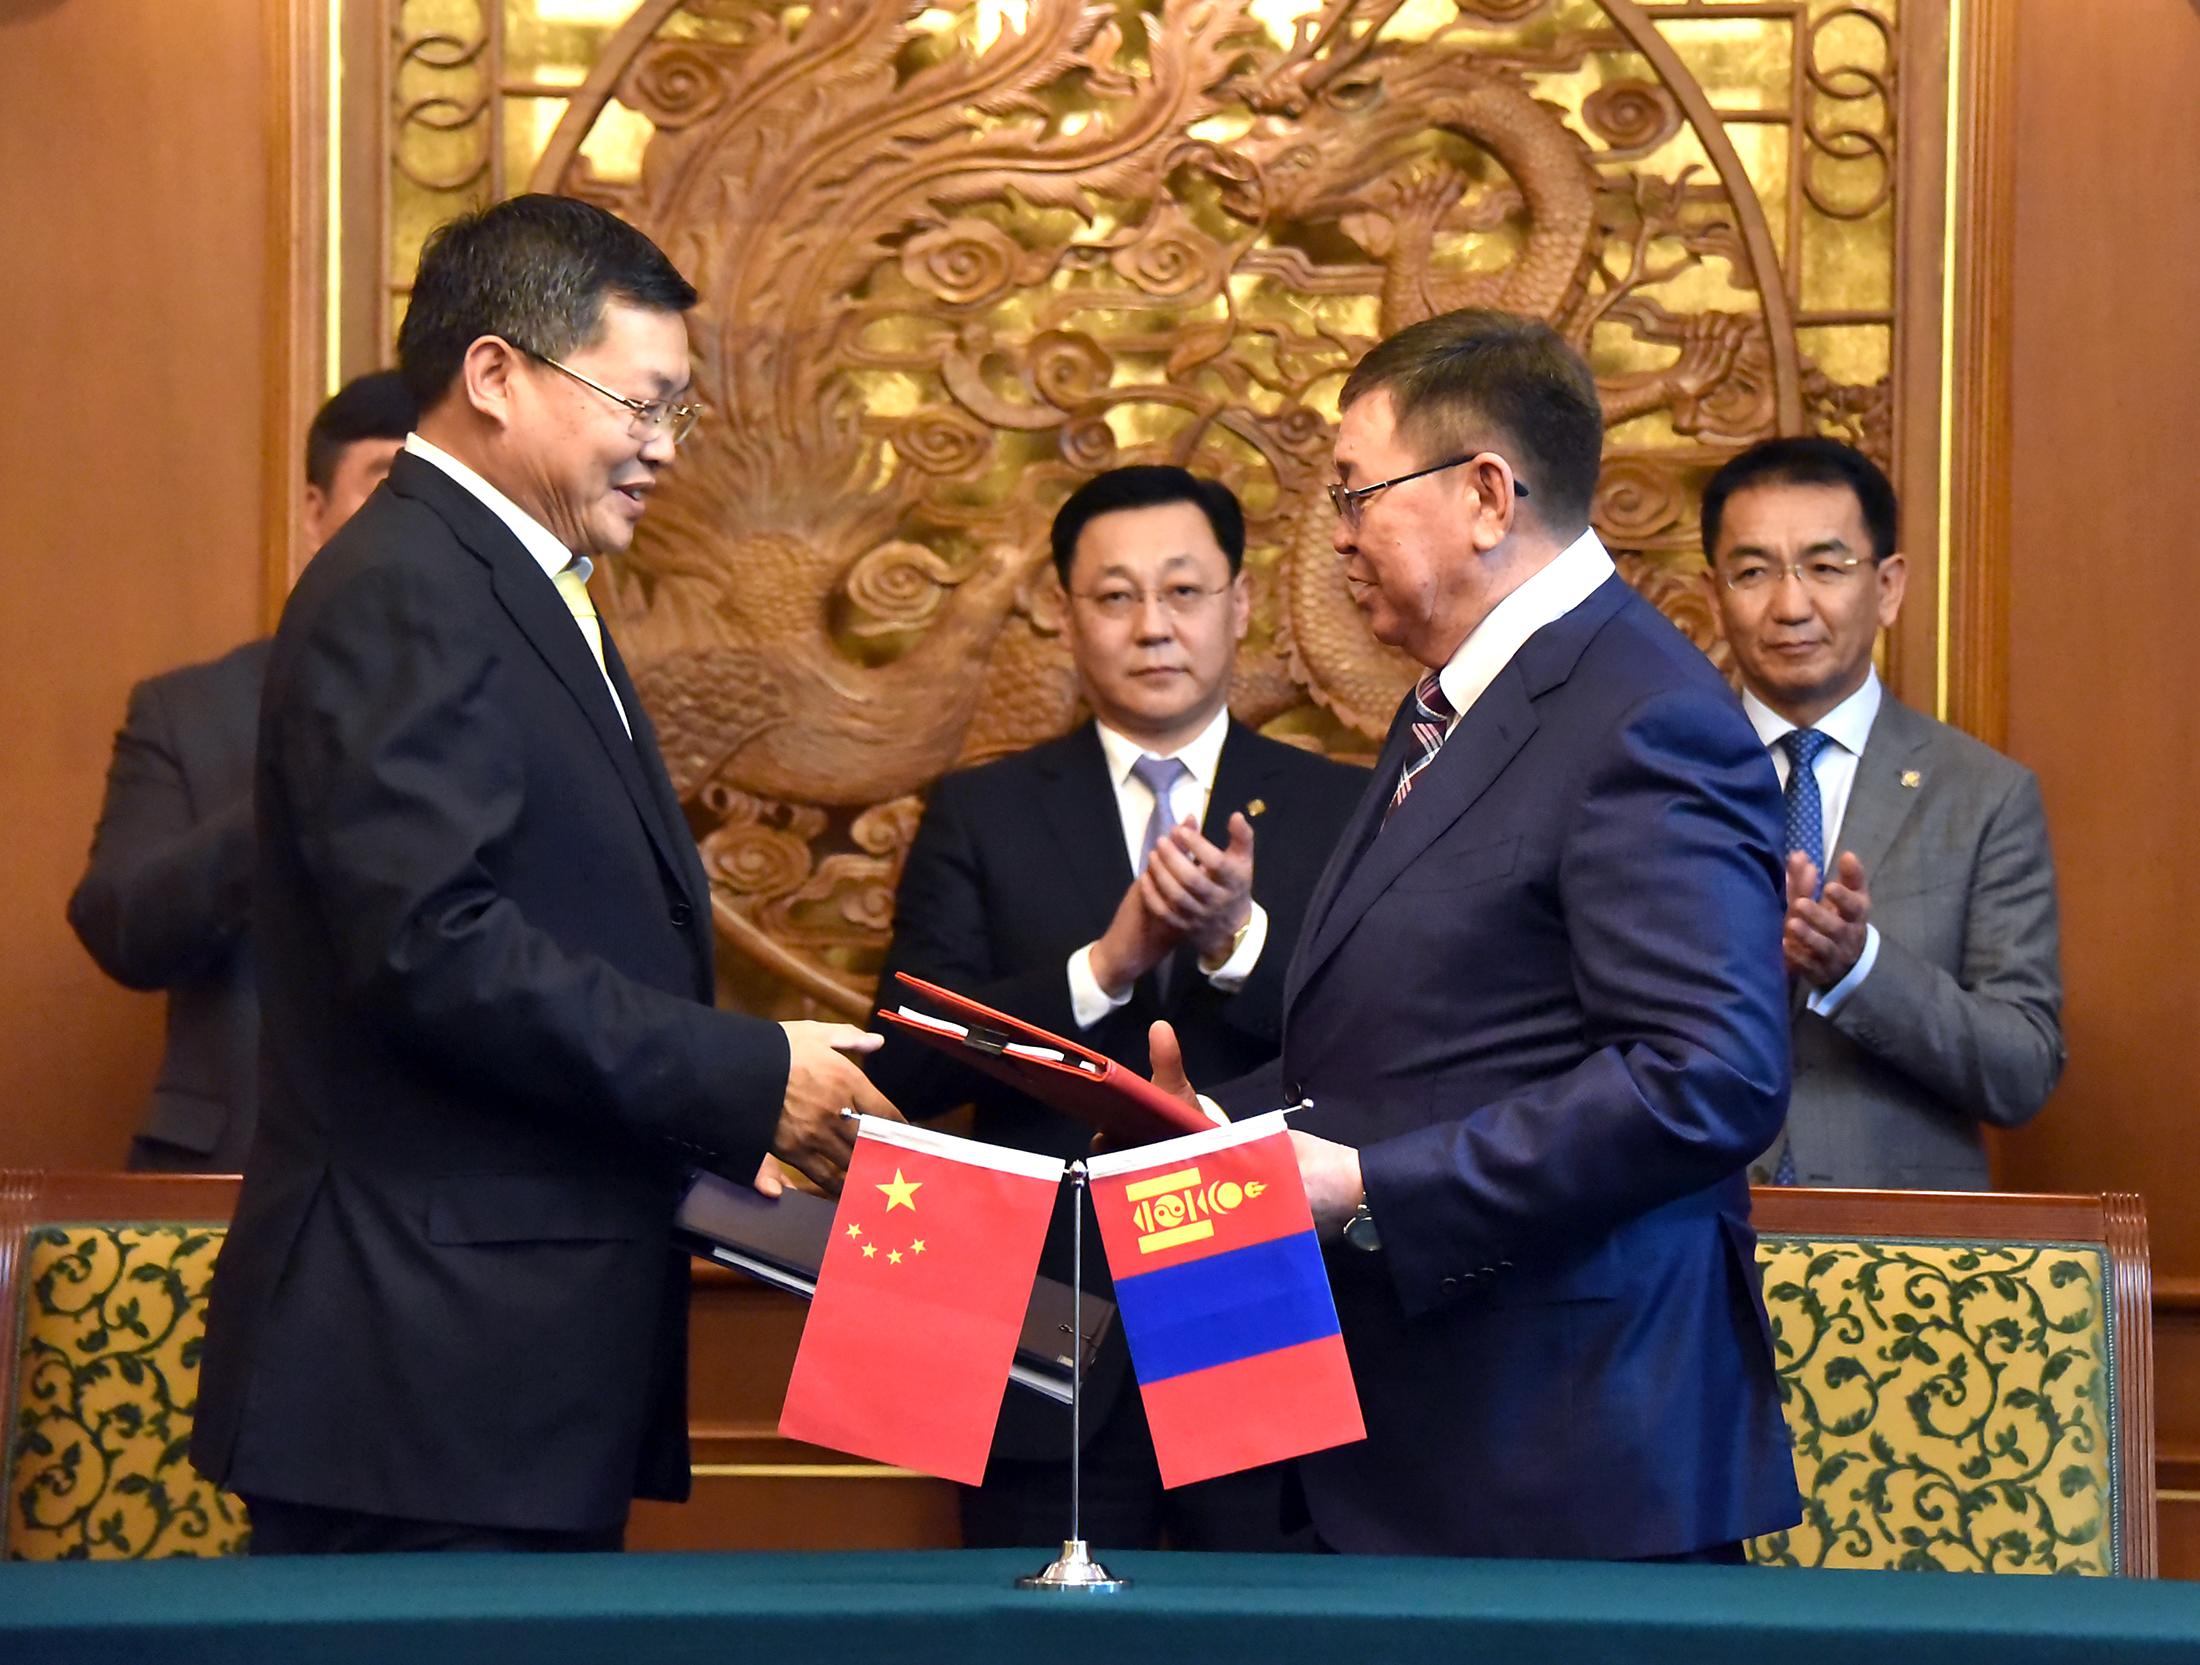 a7d6ffbf2c4283f8f6d5da17c4c12c33 Монгол Улсын Ерөнхий сайд Ж.Эрдэнэбат, БНХАУ-ын Төрийн Зөвлөлийн Ерөнхий сайд Ли Көчянтай нар албан ёсны хэлэлцээ хийв